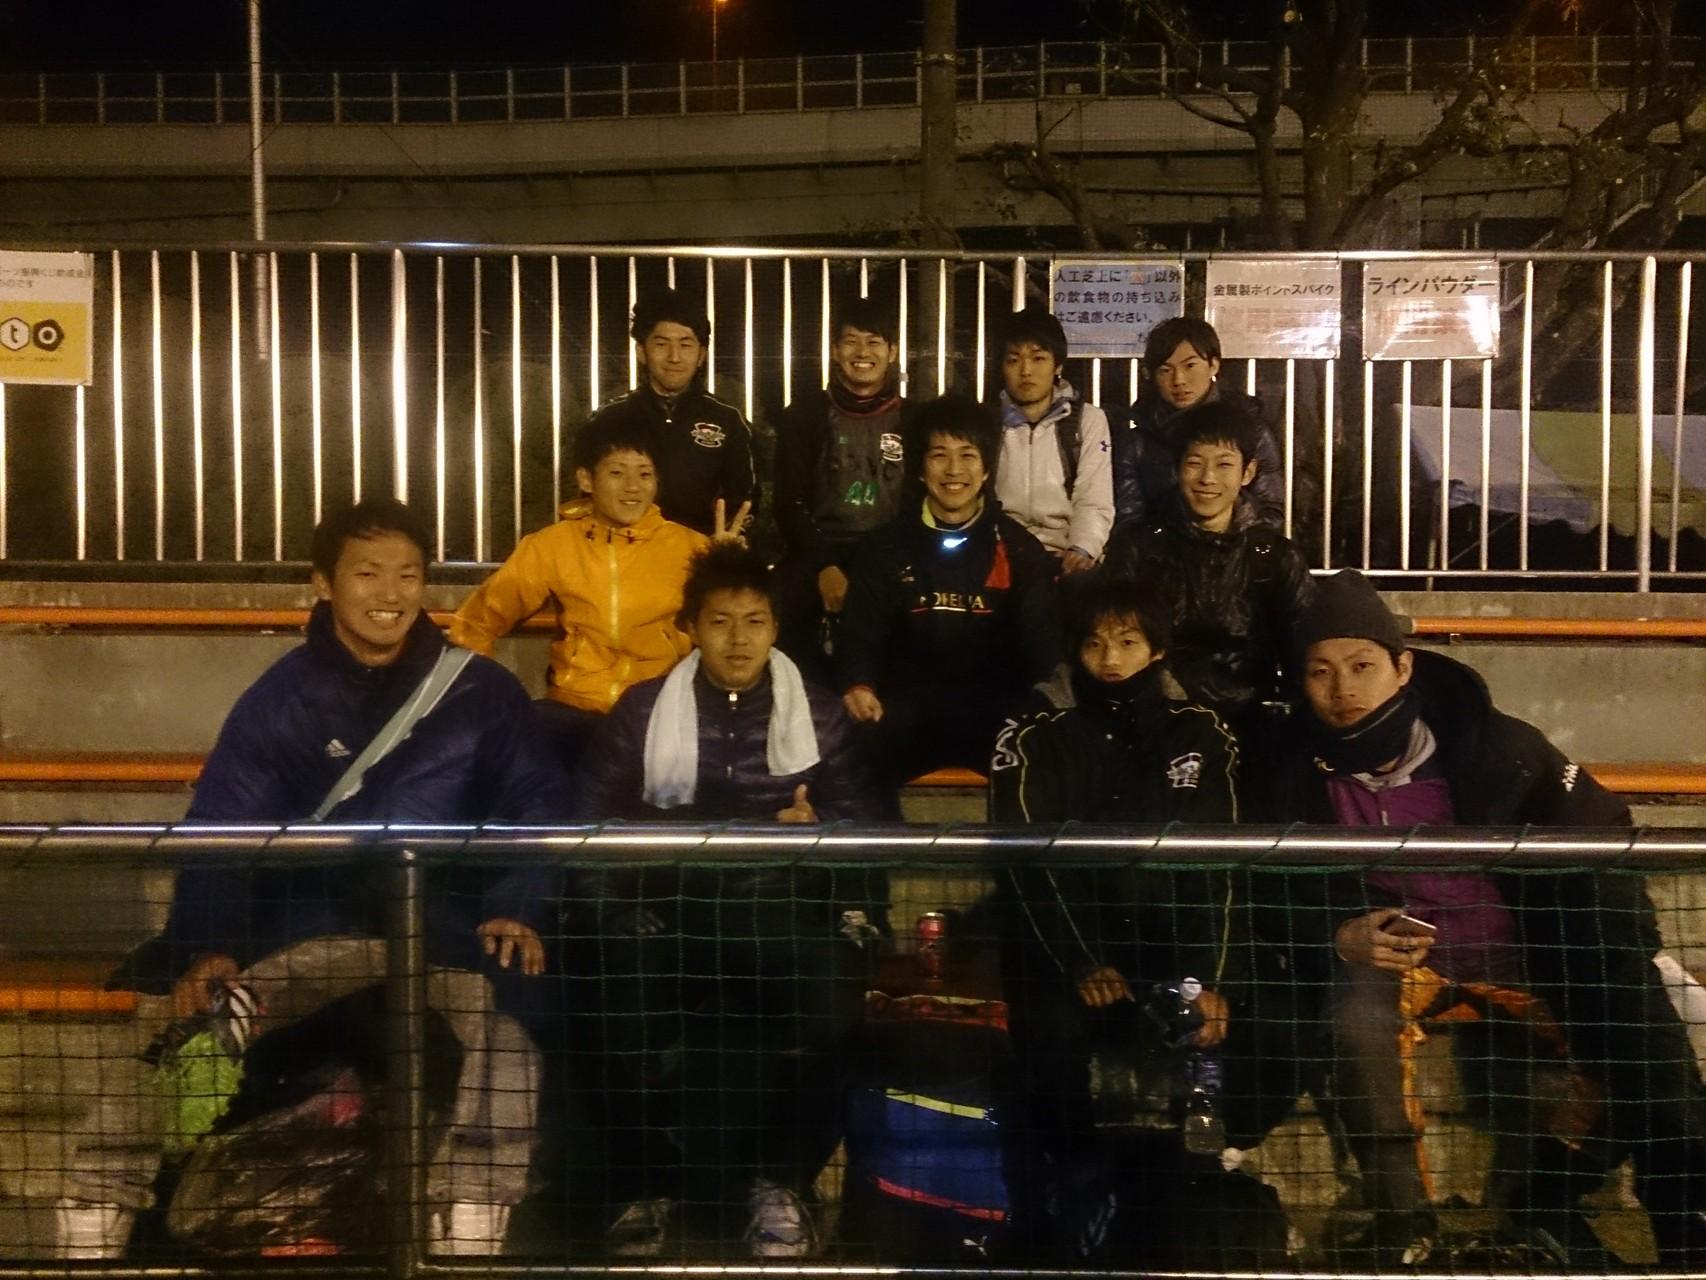 2015/1/25 高師浜運動場 vs 法隆寺FC vs 久御山FC vs AS.NiemaLs